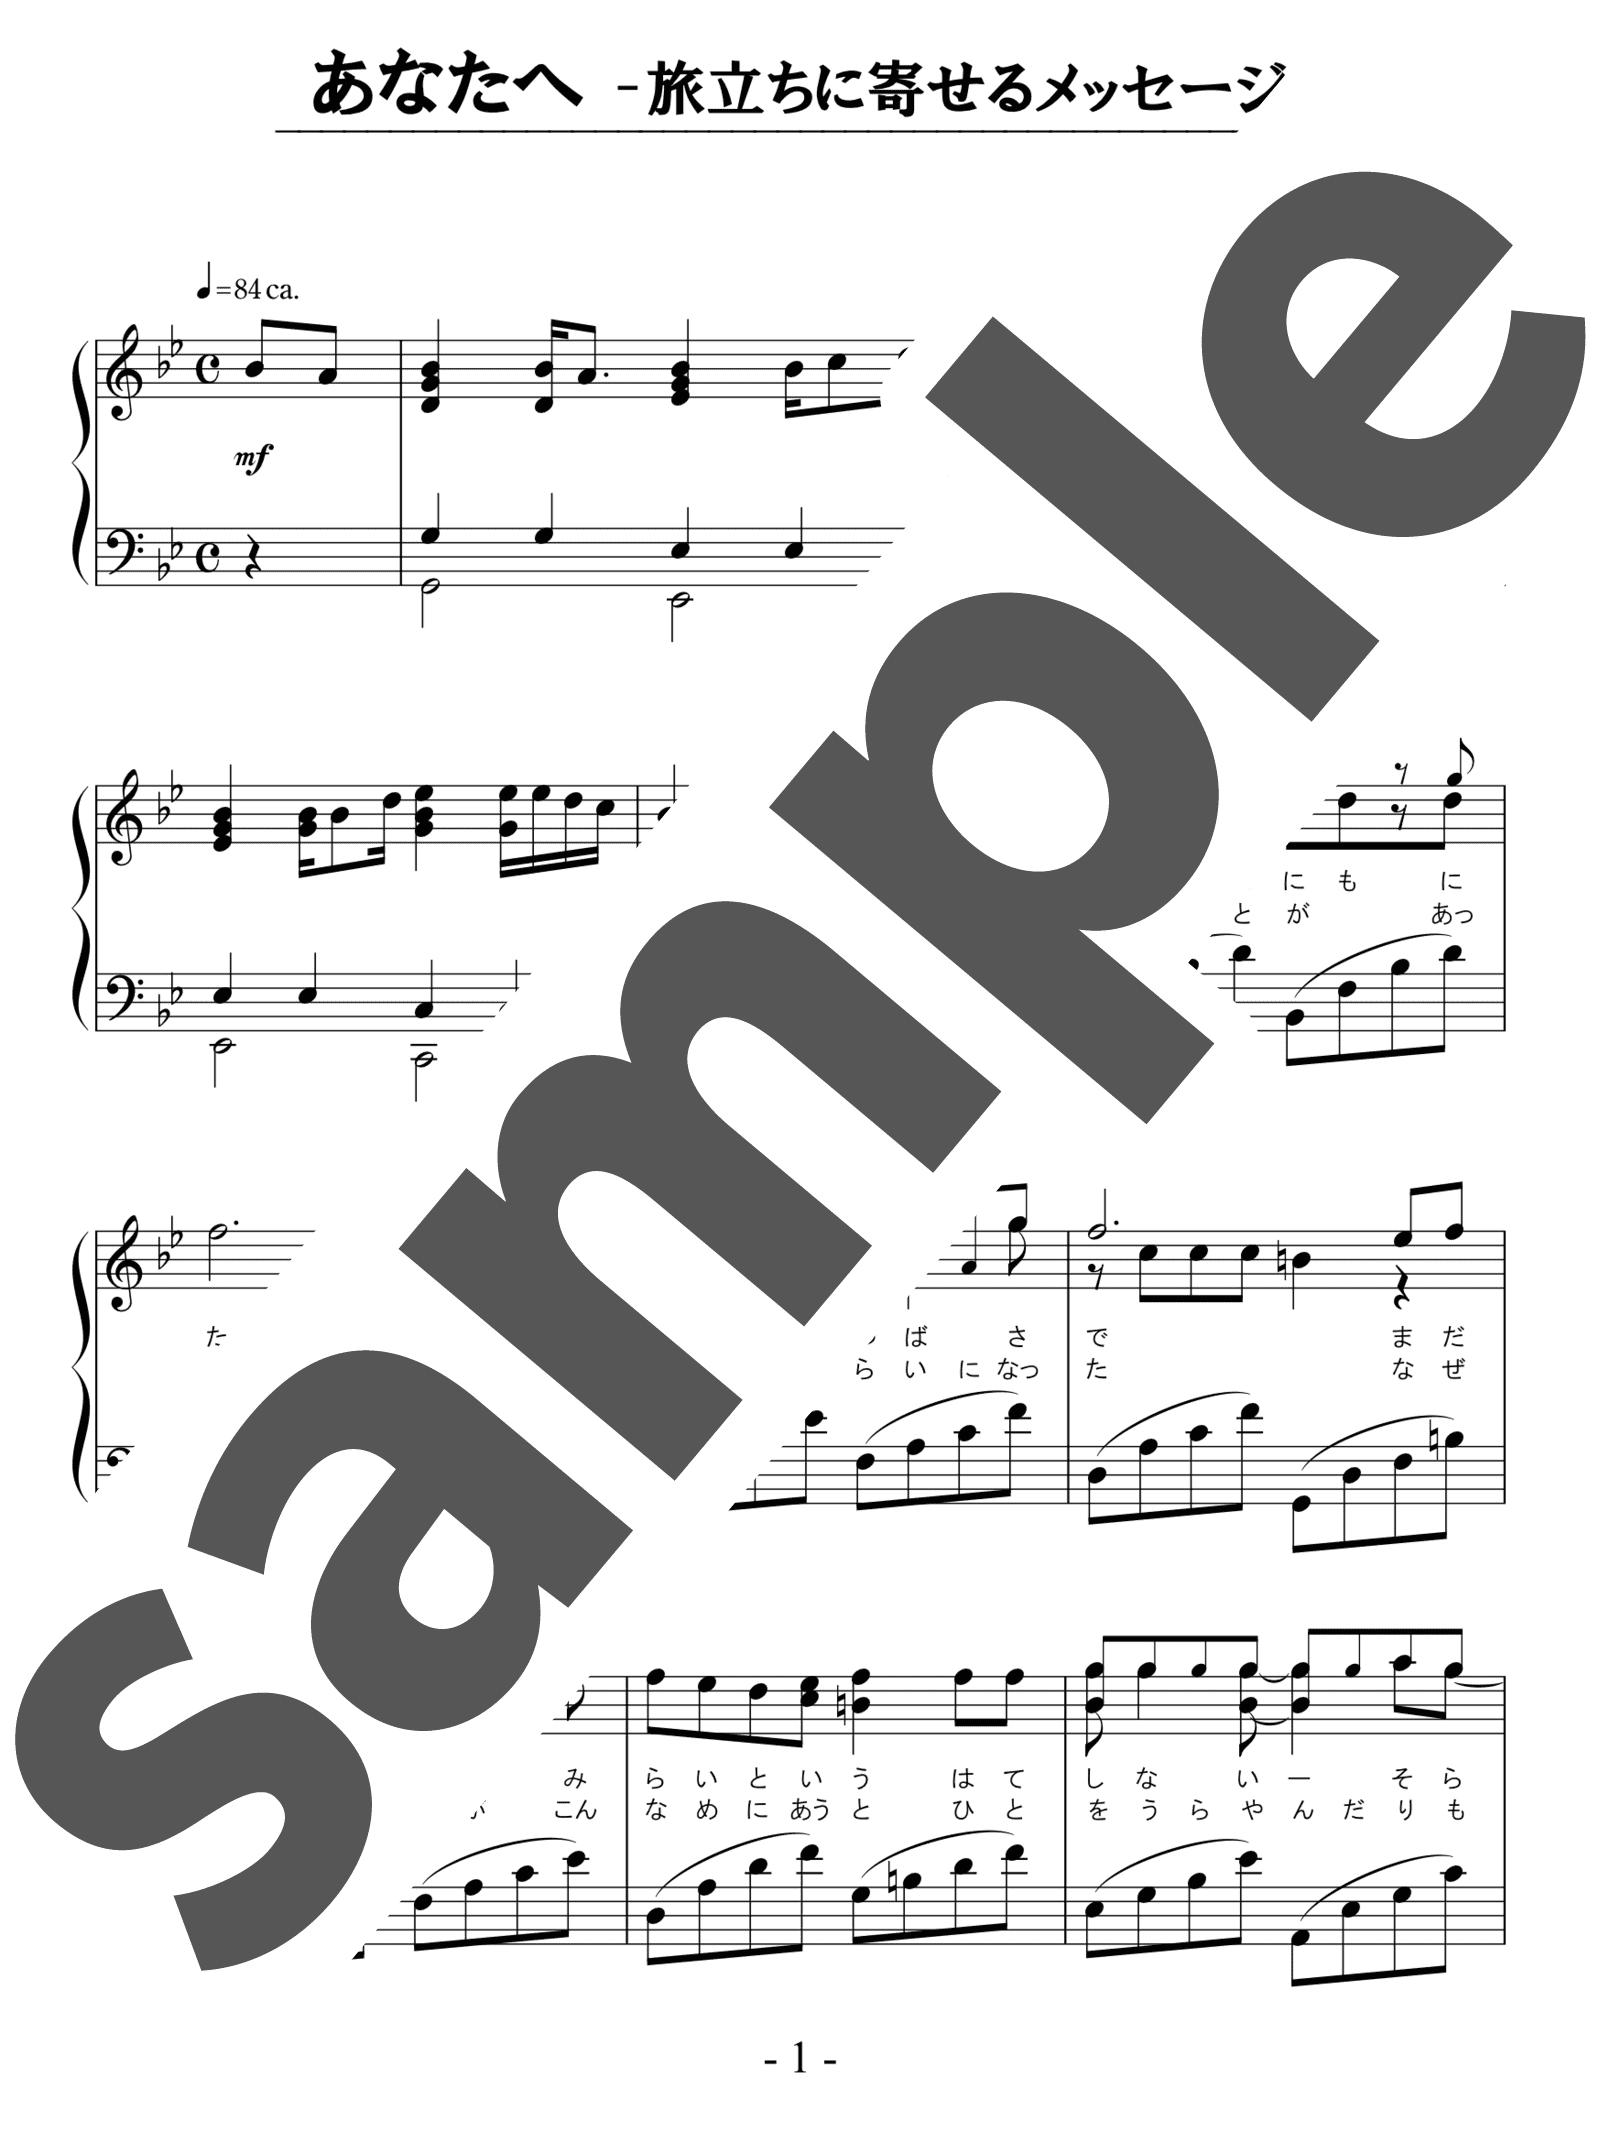 「あなたへ-旅立ちに寄せるメッセージ」のサンプル楽譜